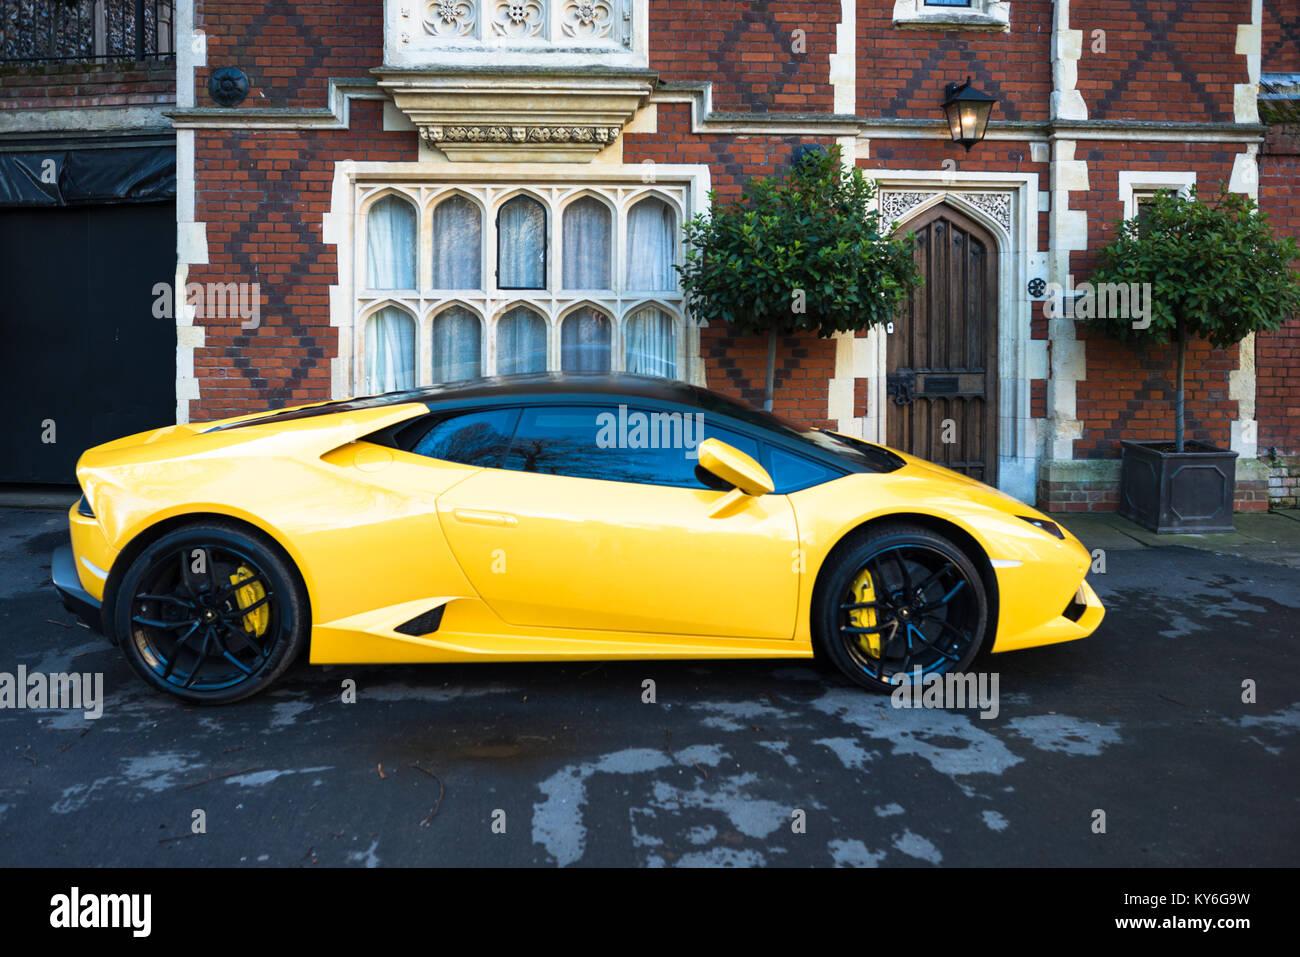 Lamborghini amarillo aparcado fuera gran casa antigua en Chequer plaza junto a la torre de Norman y afrontar el gran camposanto, Bury St Edmunds, Suffolk, Foto de stock